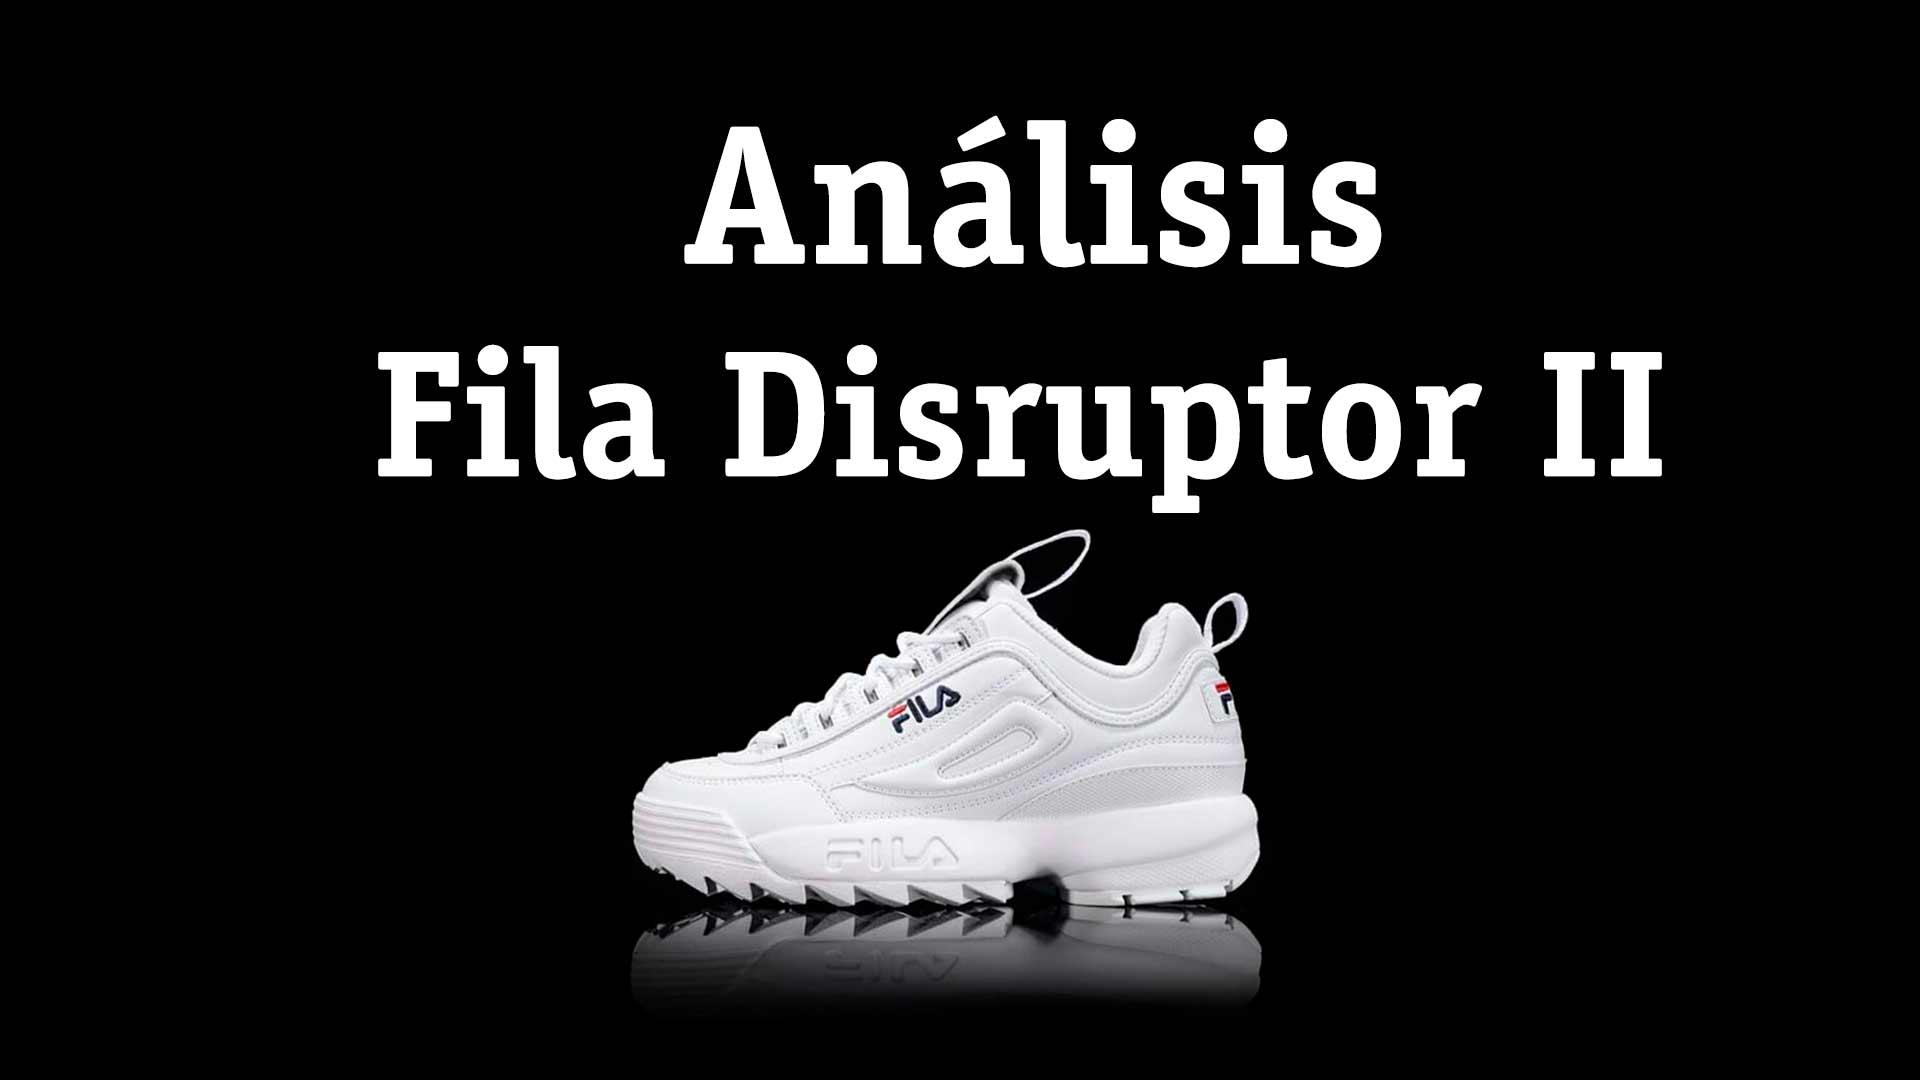 2de0efd402e 👟 Zapatillas Fila Disruptor II Blancas » Análisis